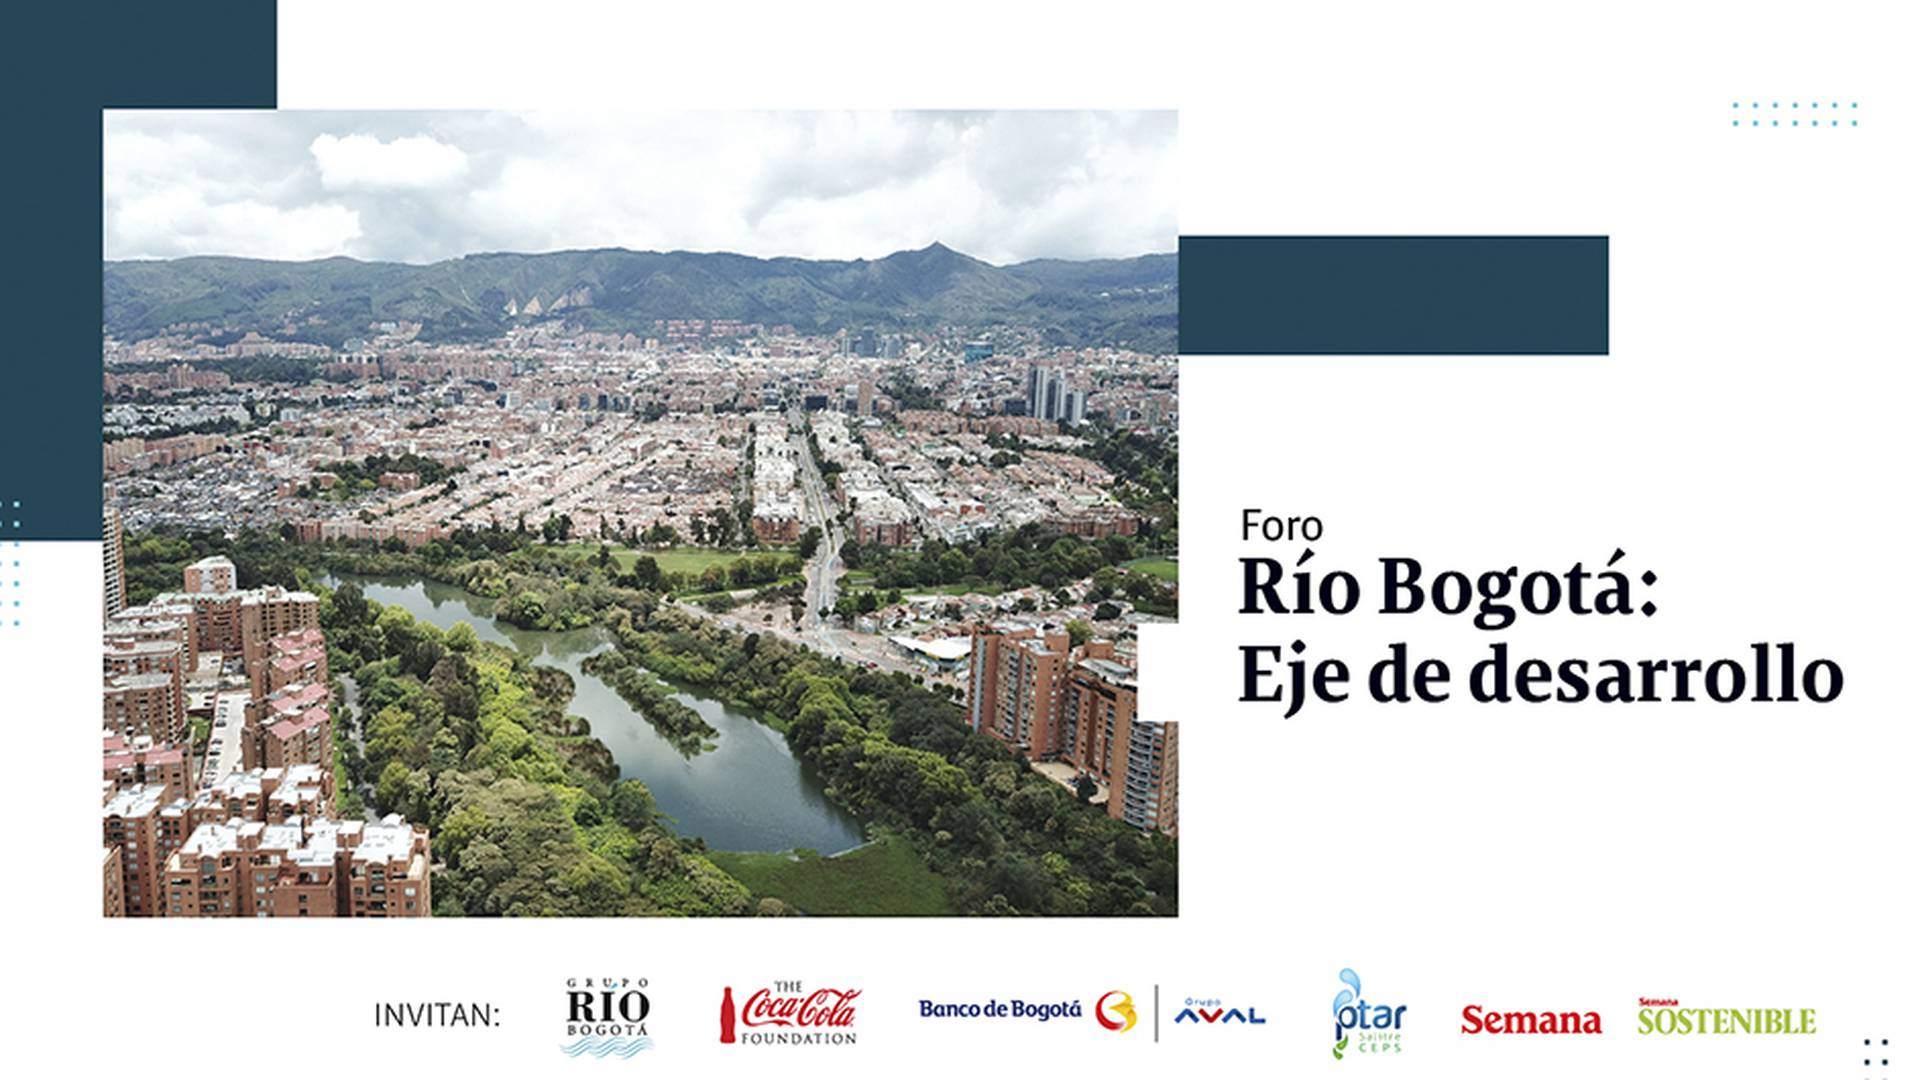 este importante río que cruza 47 municipios de Cundinamarca, incluida la capital del país